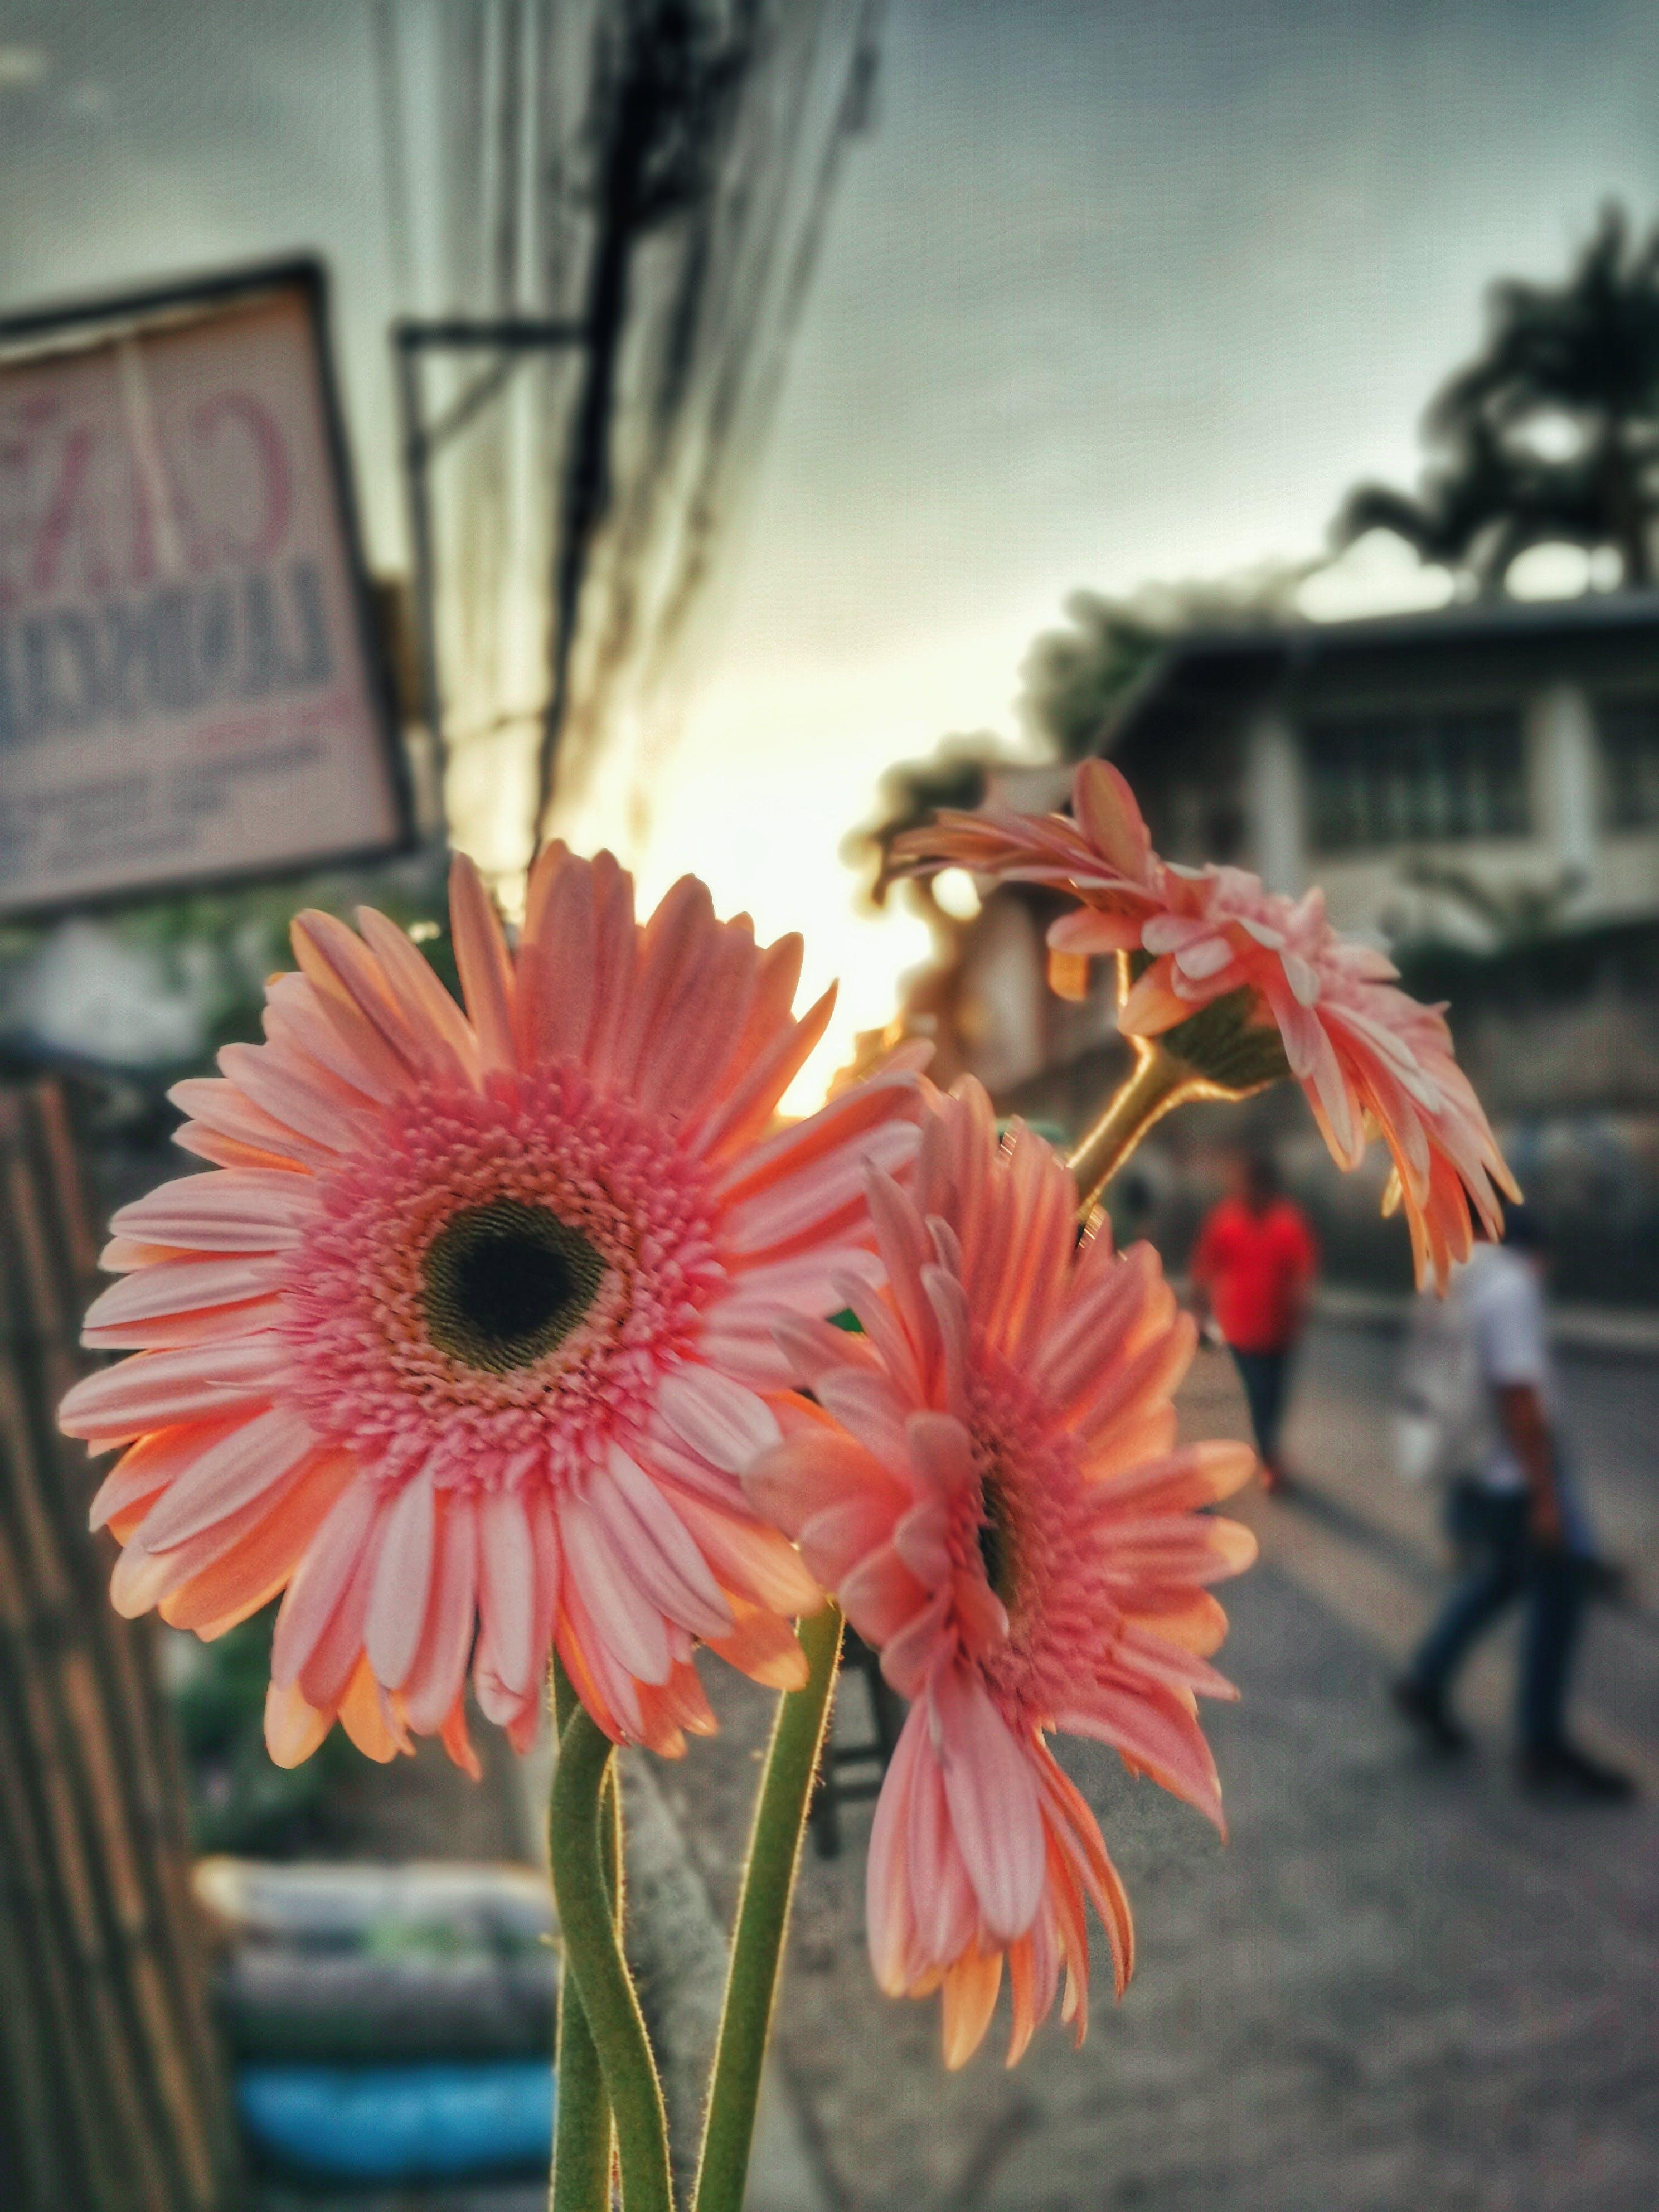 Δωρεάν στοκ φωτογραφιών με ζέρμπερα, λουλούδι, όμορφα λουλούδια